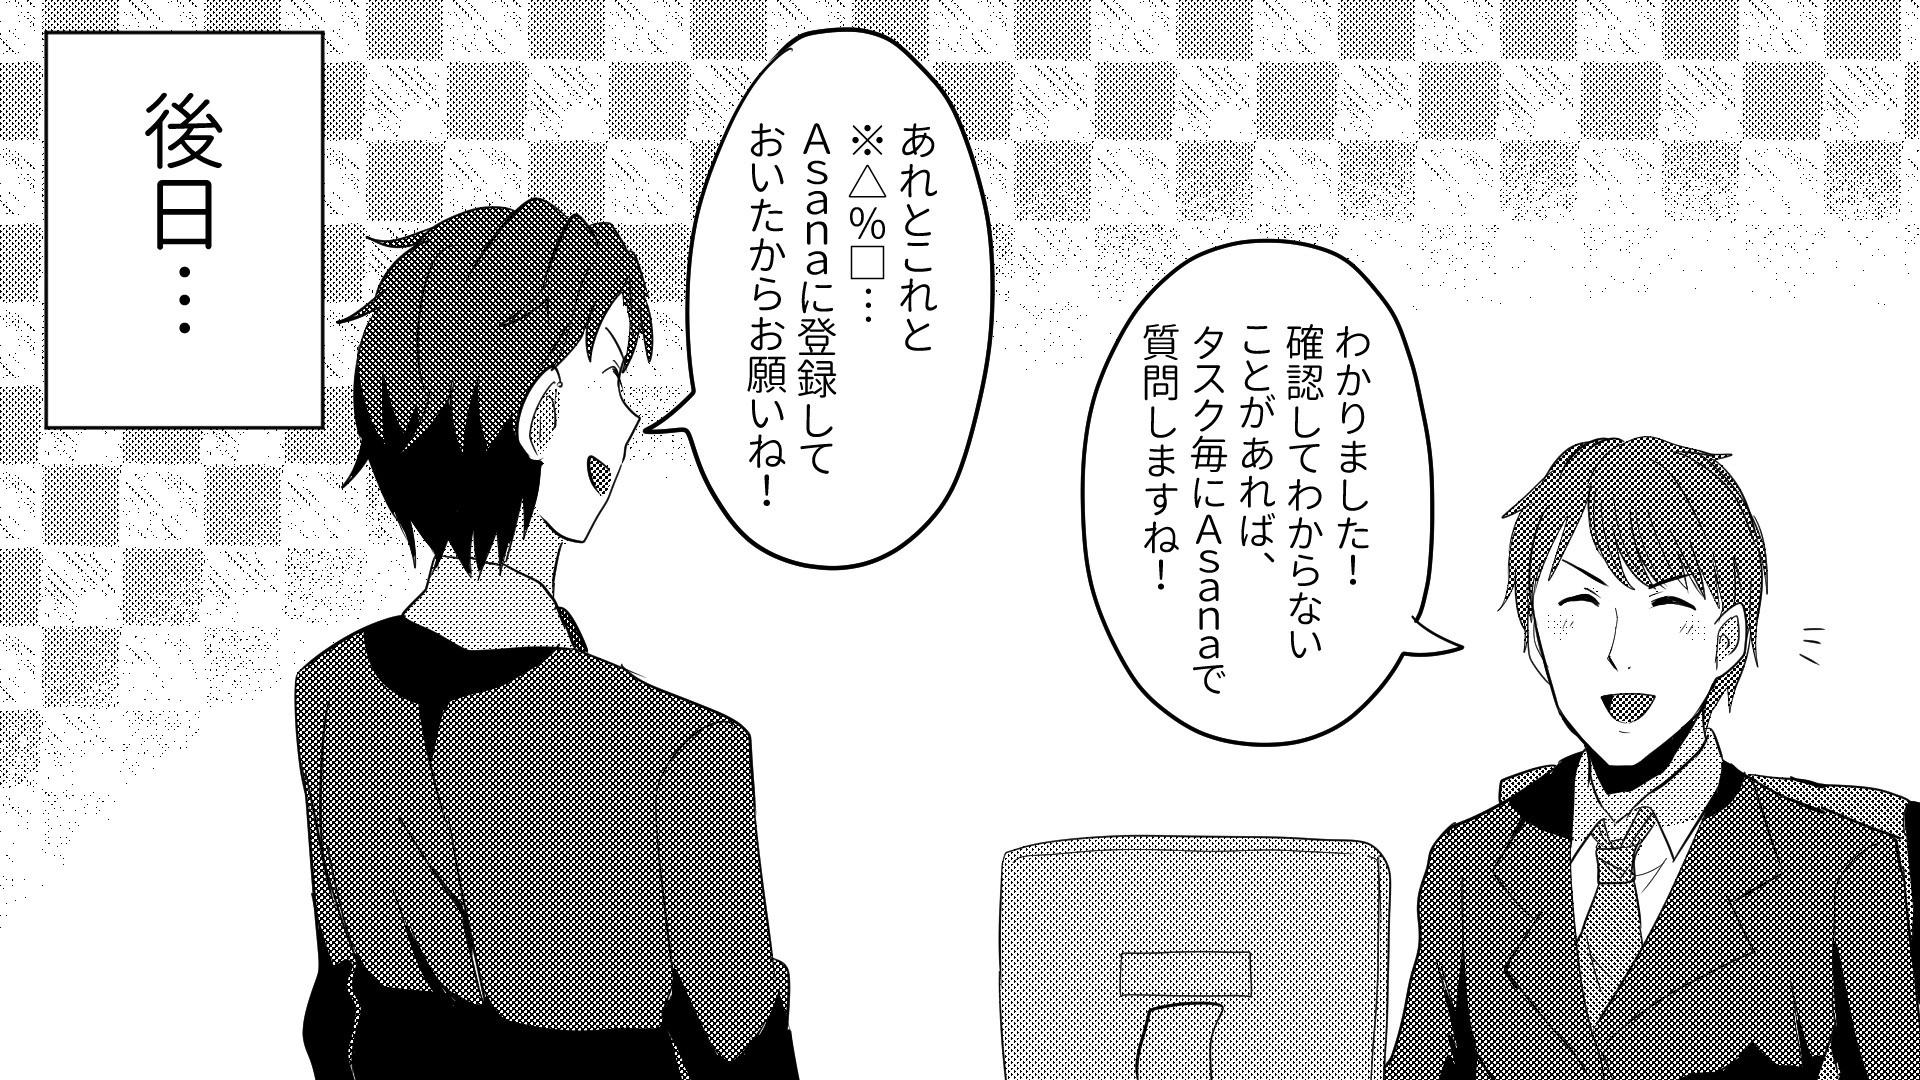 Asana コミュニケーションもAsanaでできる